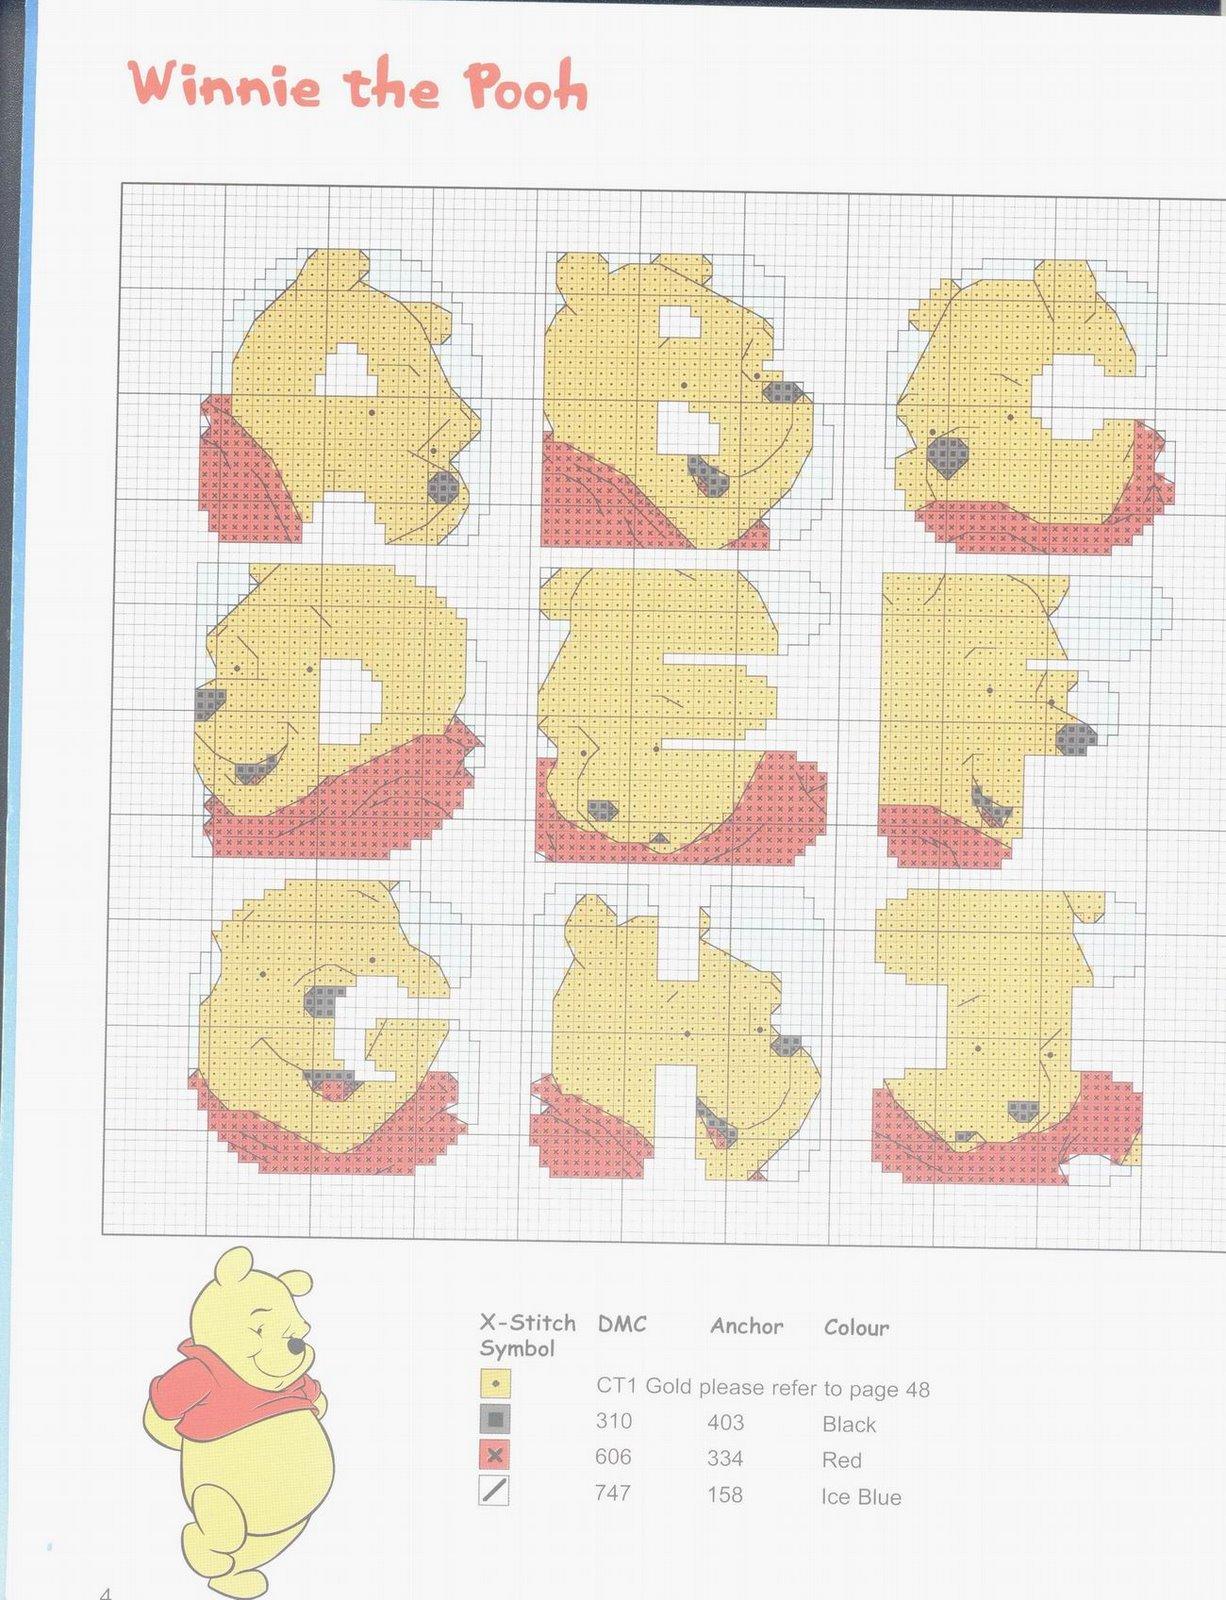 Sogniecoccole schemi gratis alfabeto winnie e tigro for Punto croce disney winnie the pooh